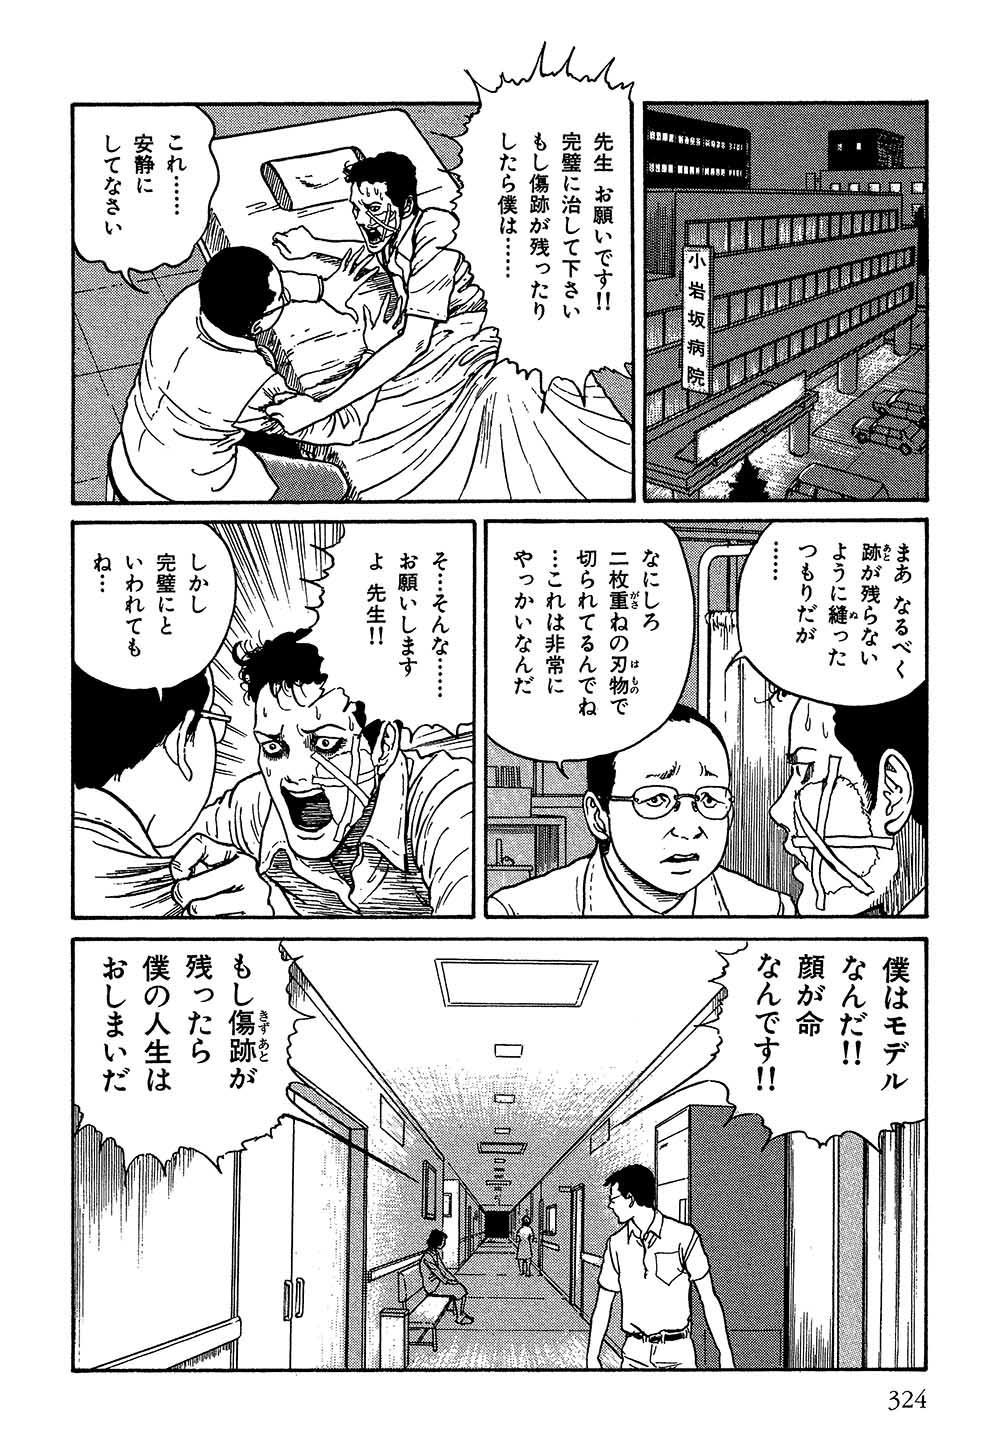 itouj_0002_0326.jpg